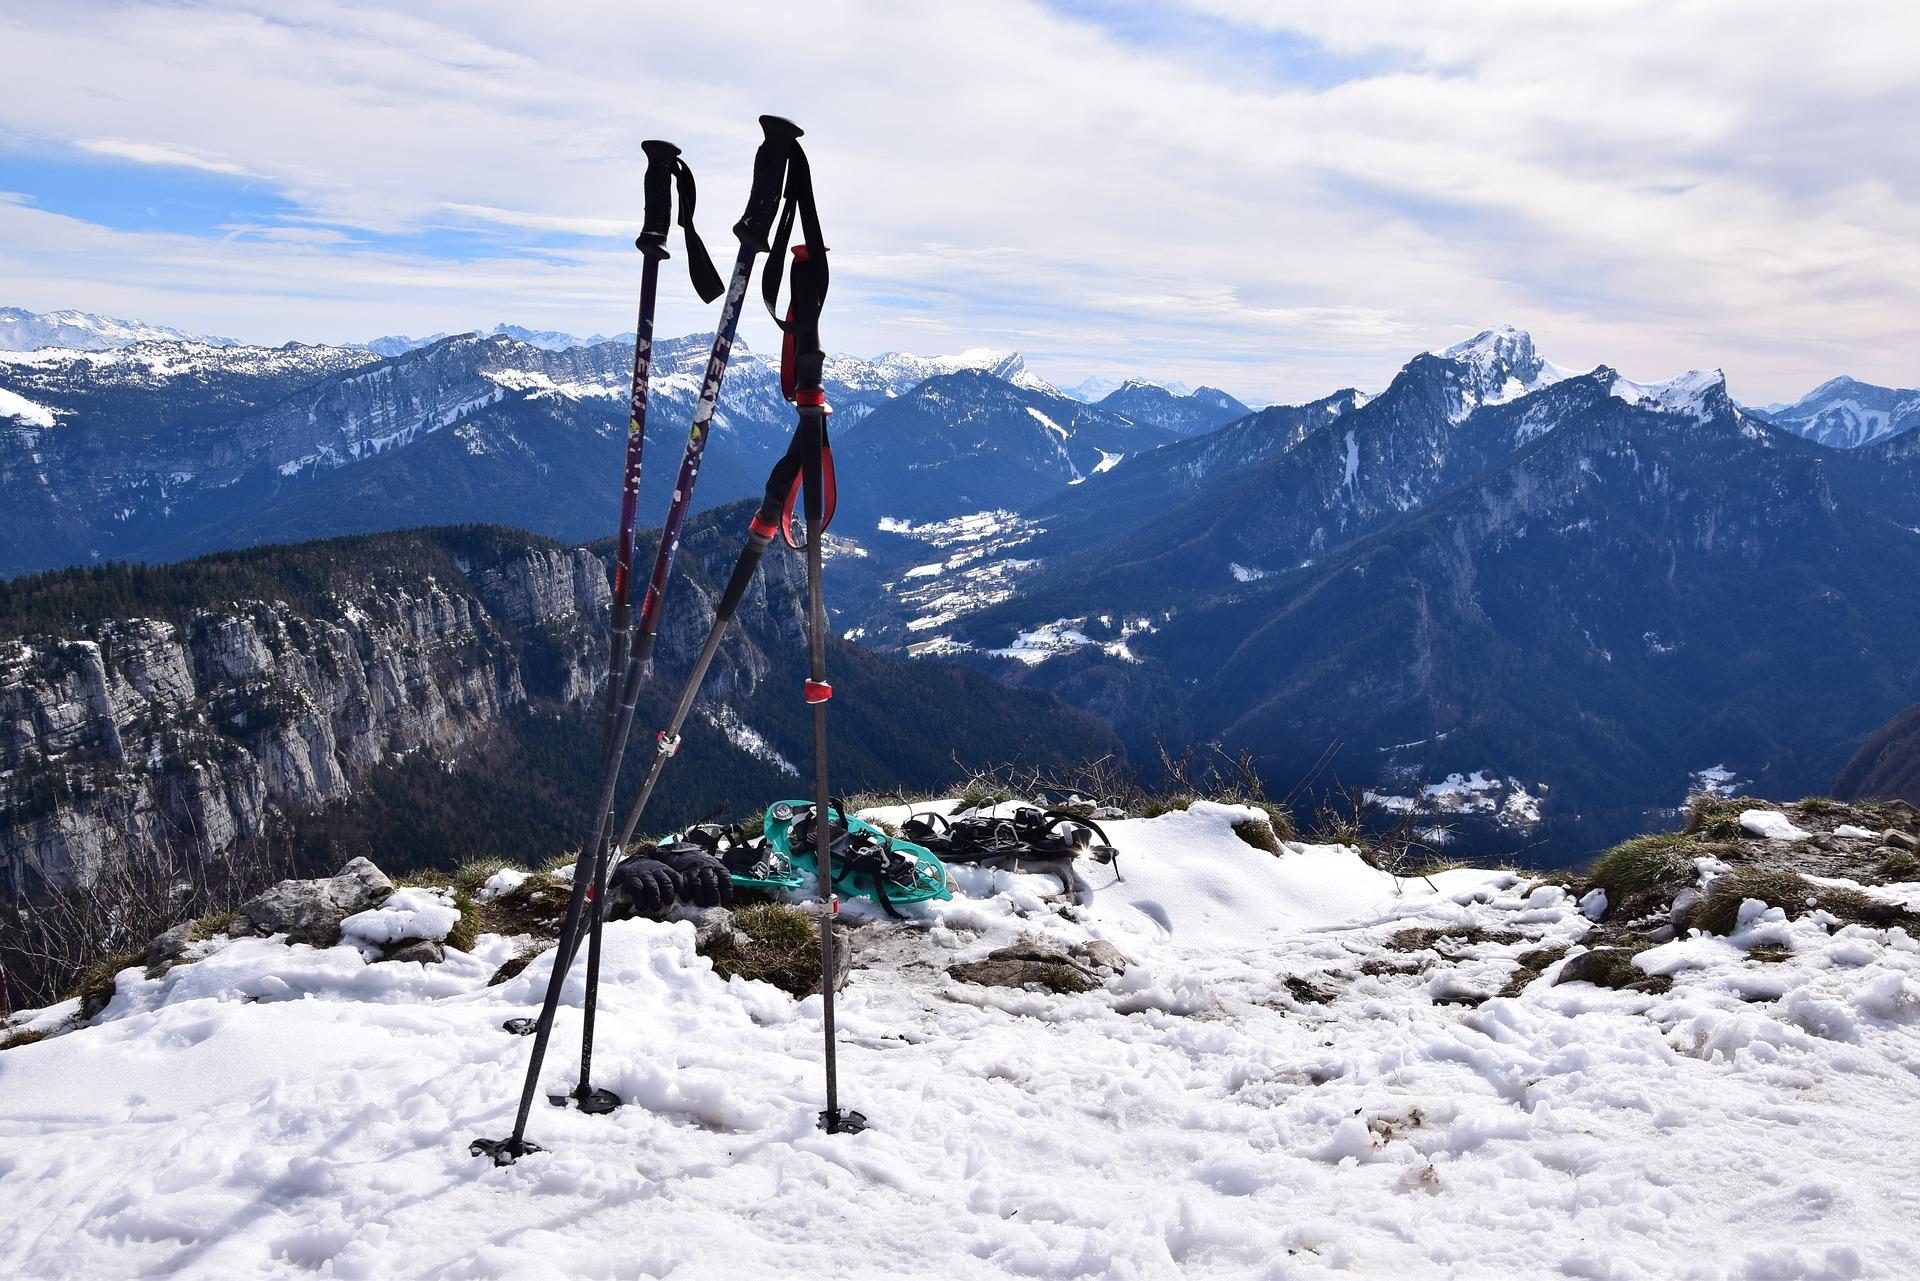 snowshoeing poles snow mountains pixabay